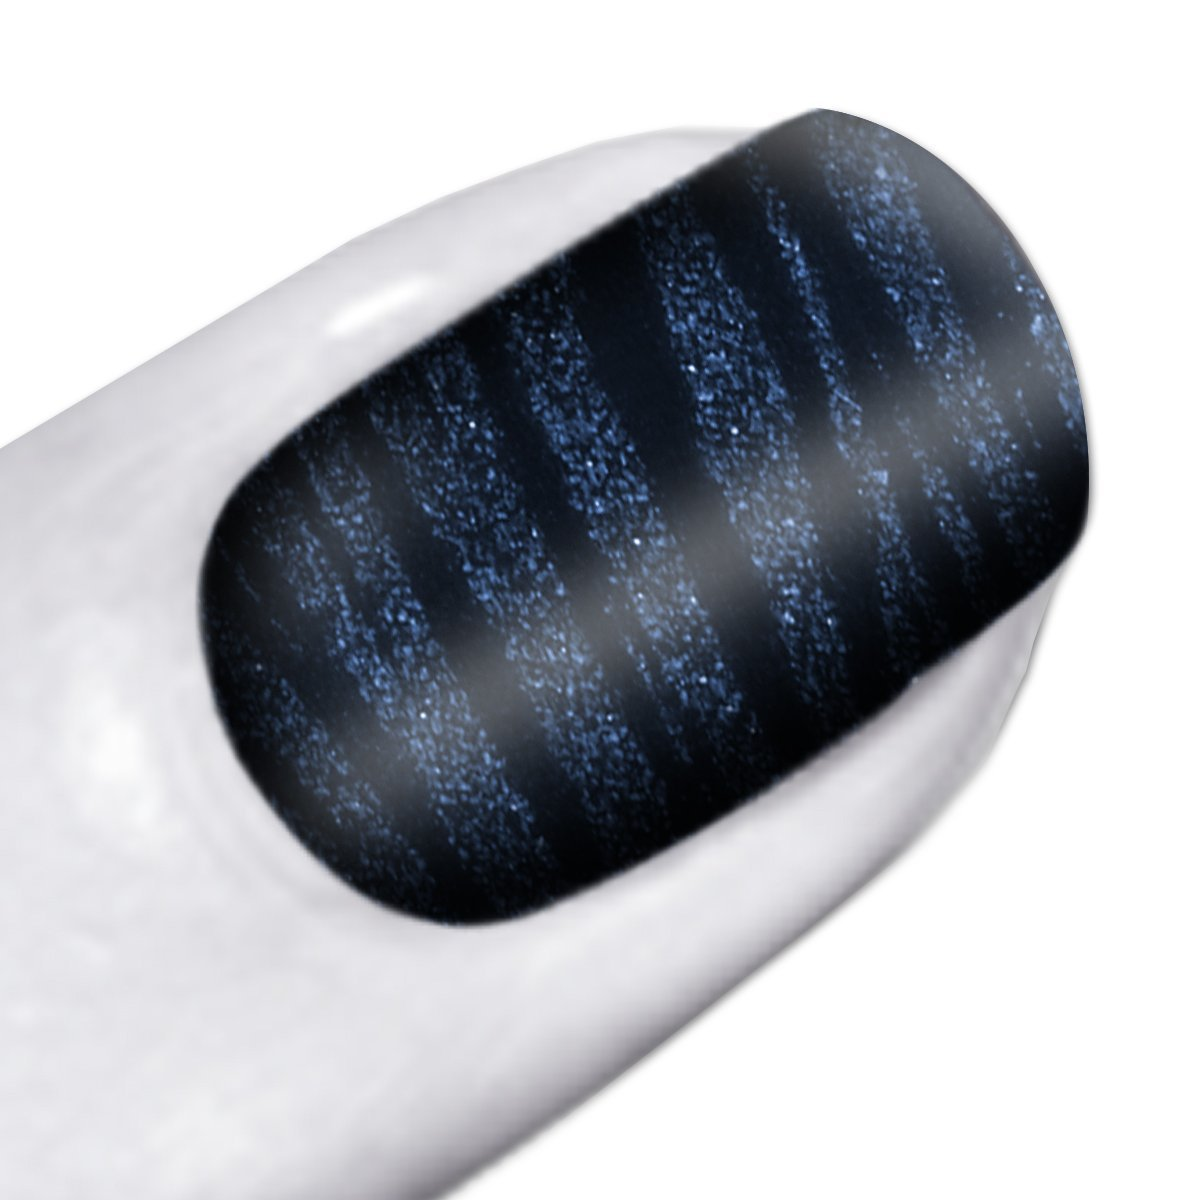 Maybelline jade - Colorama nailsticker, uñas postizas, color heavy metal, 18 unidades: Amazon.es: Belleza